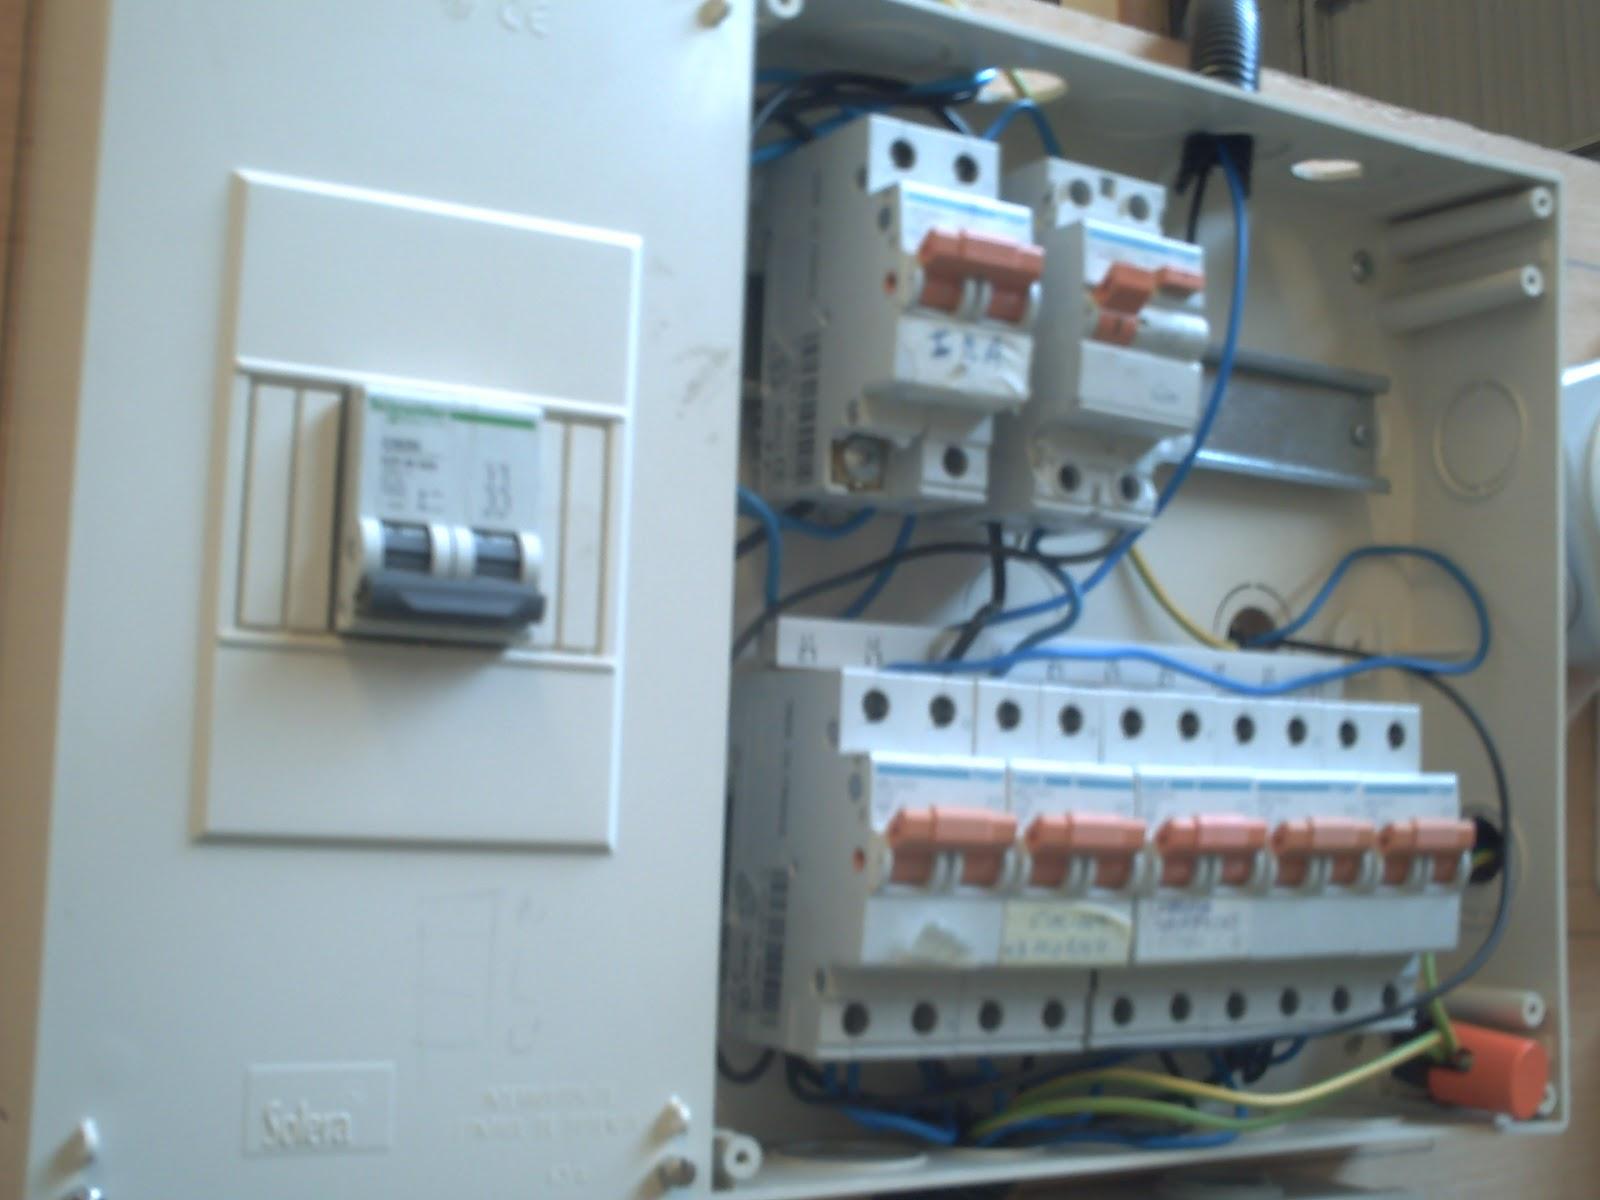 Cuadros el ctricos en la vivienda - Cuadro electrico vivienda ...